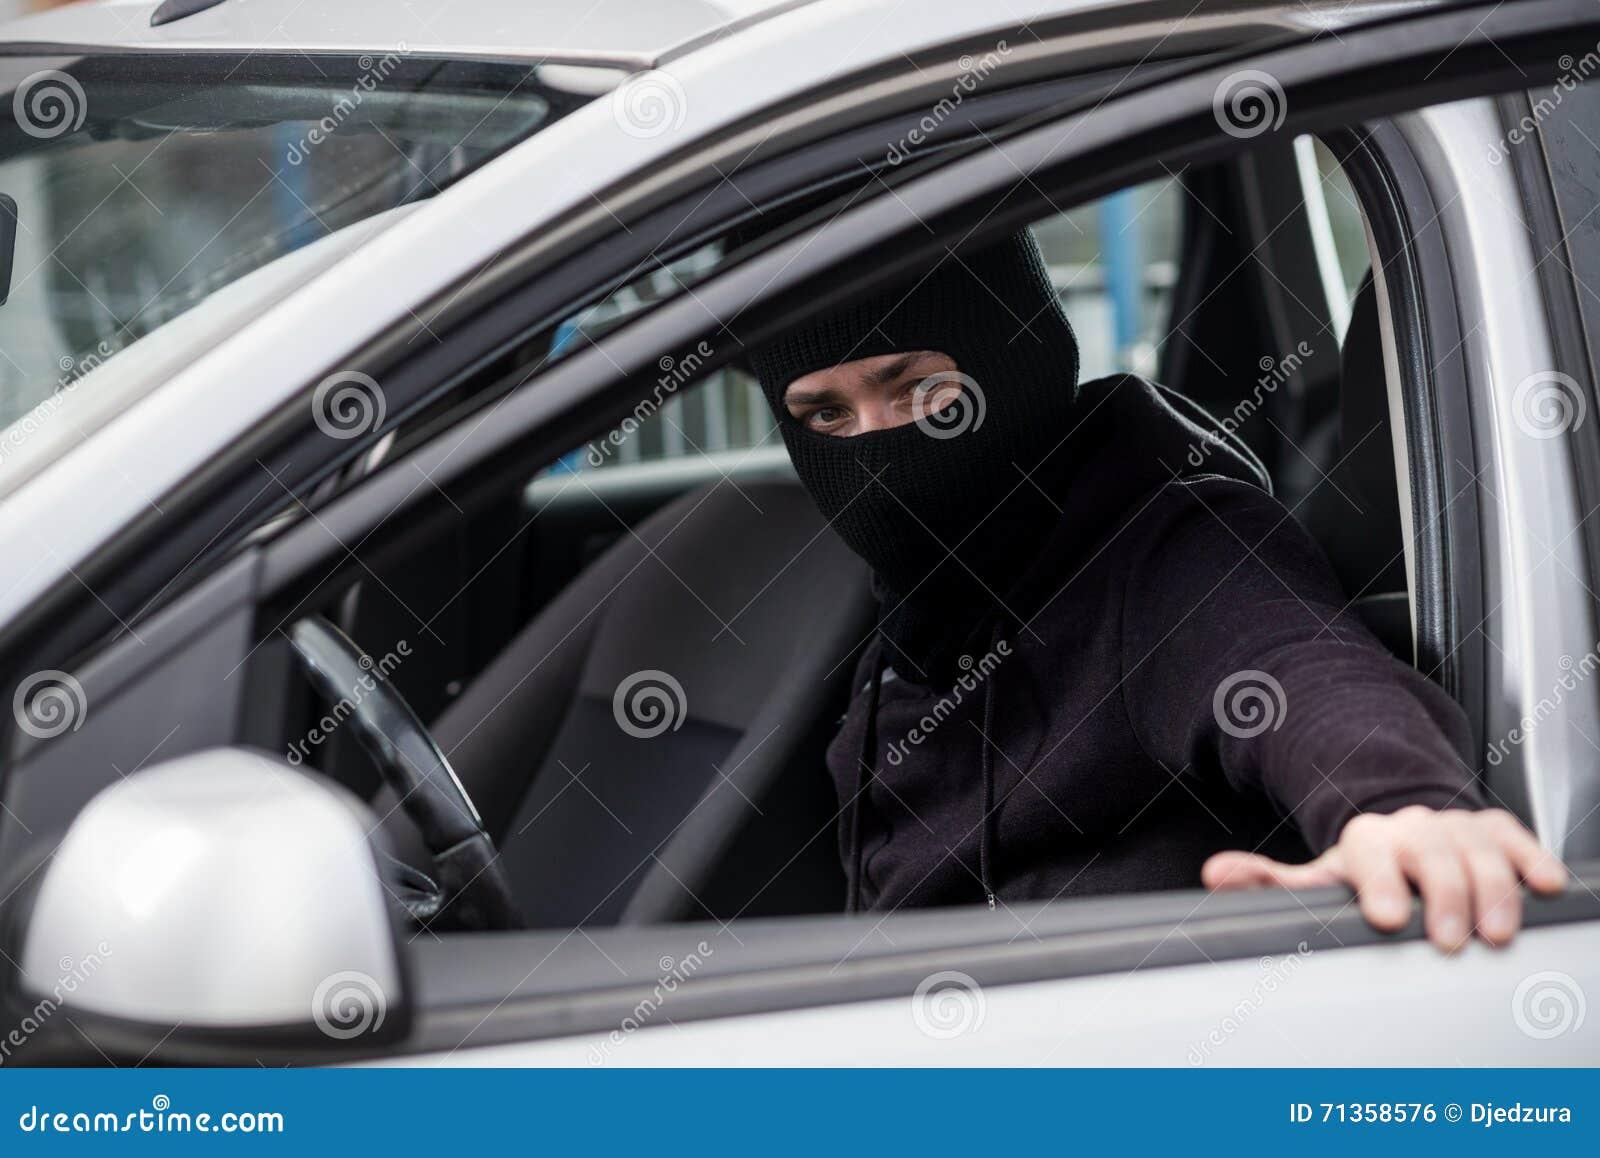 El ladrón de coches consigue en un coche robado